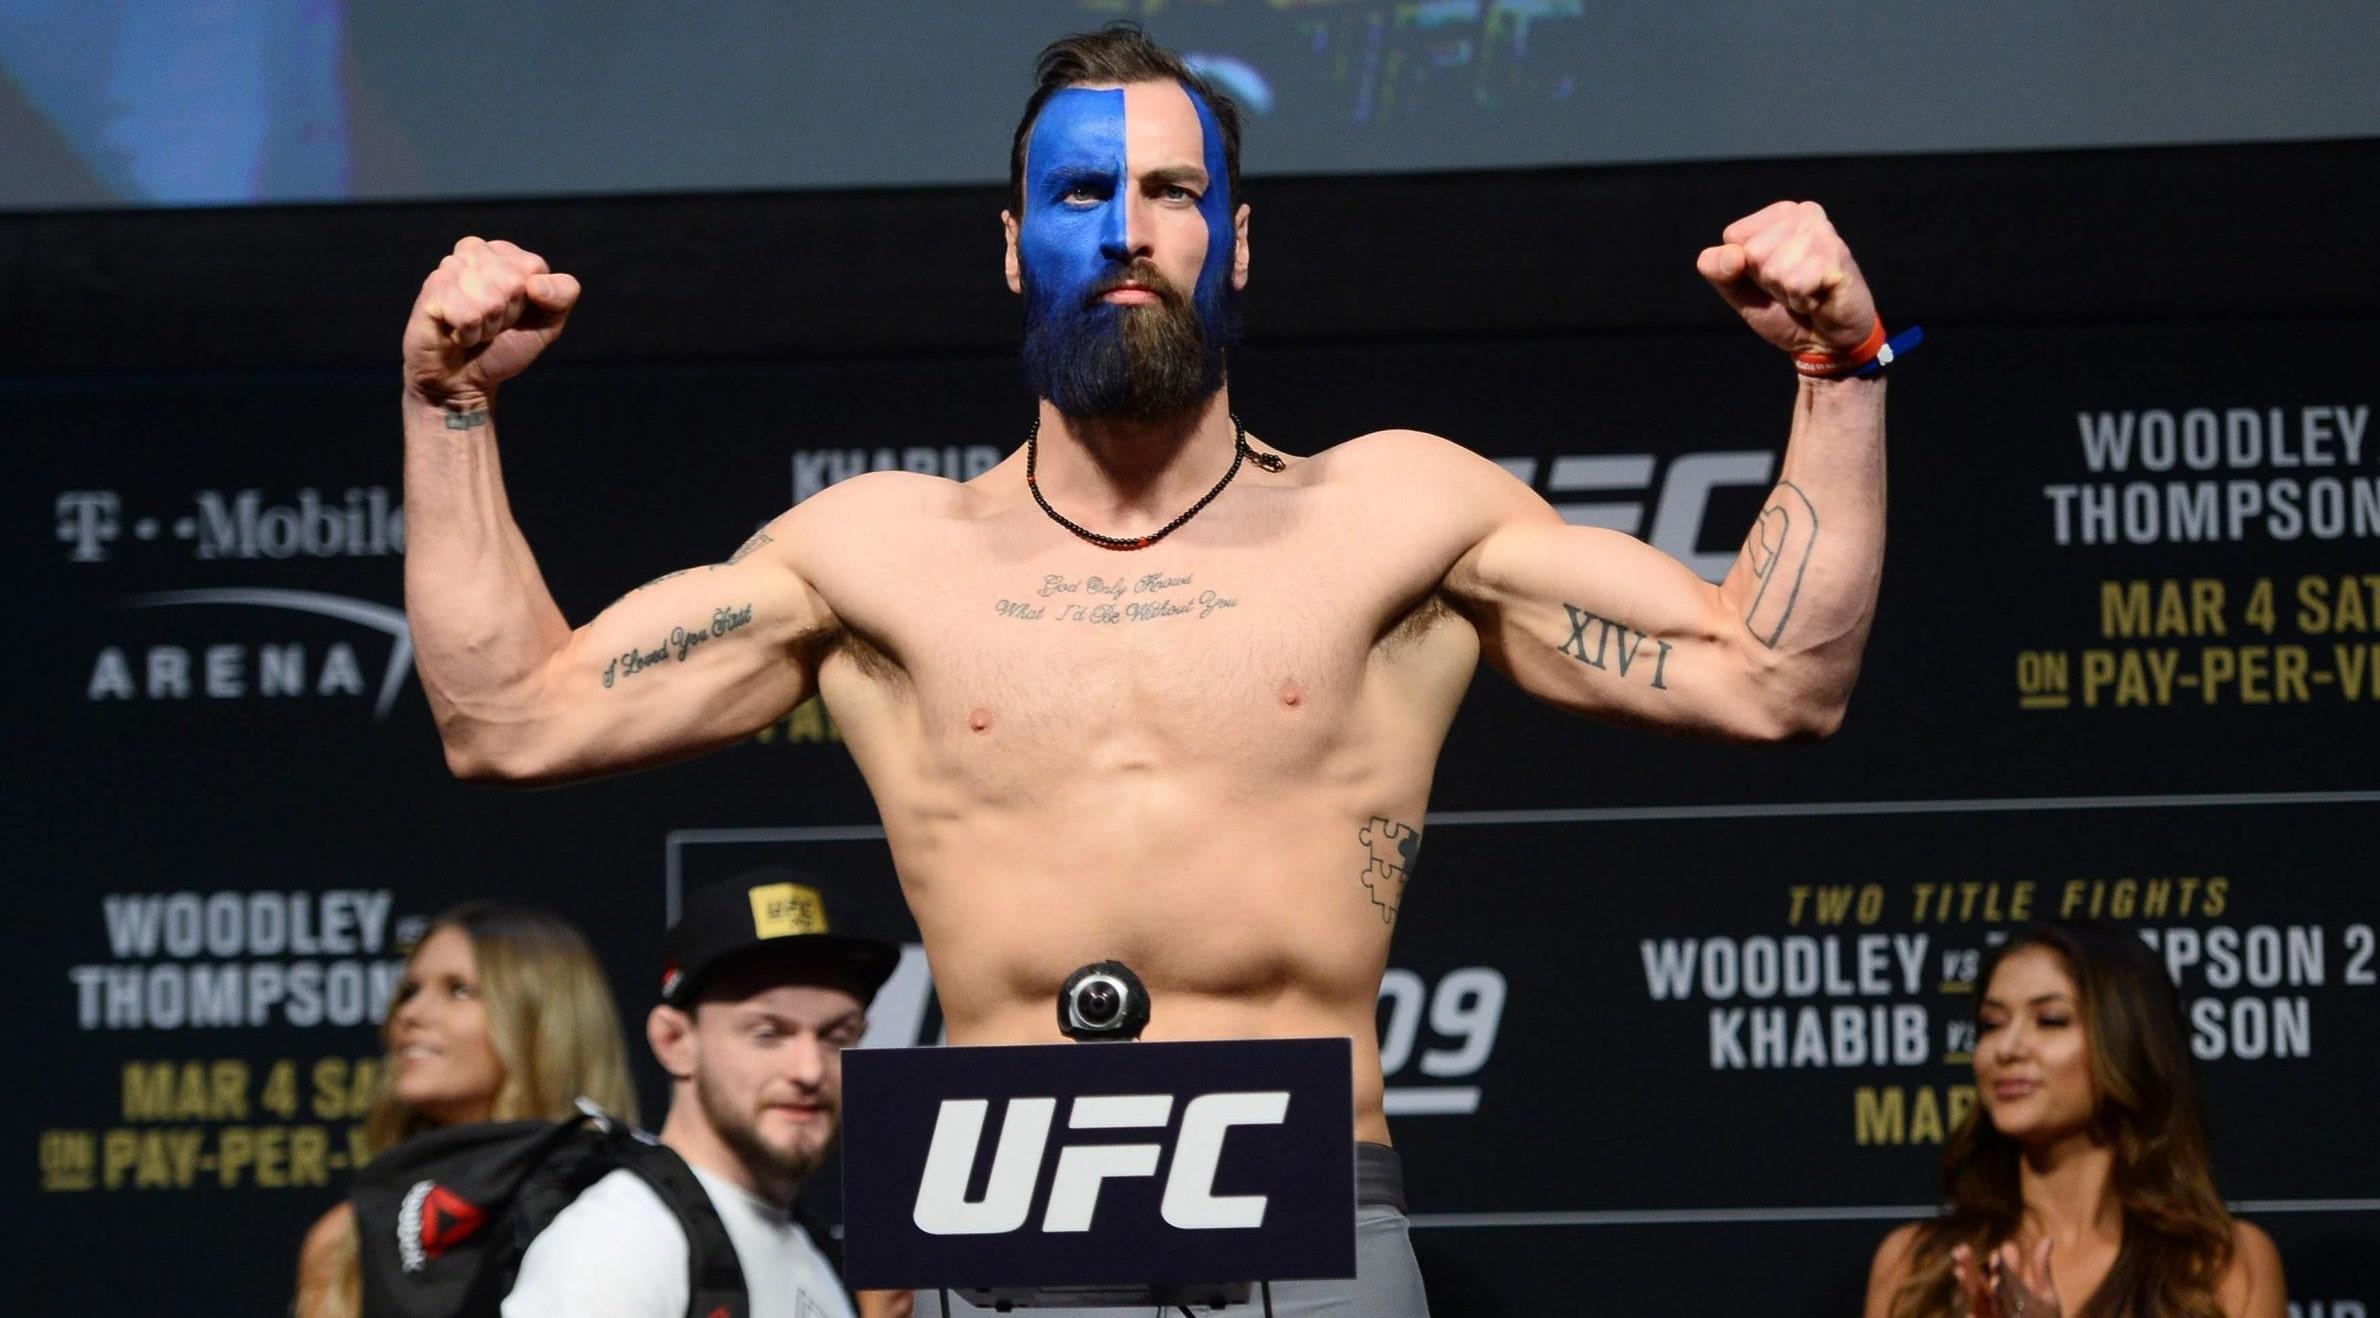 Пол Крейг - боец полутяжелого веса UFC: биография, карьера, статистика и видео боёв